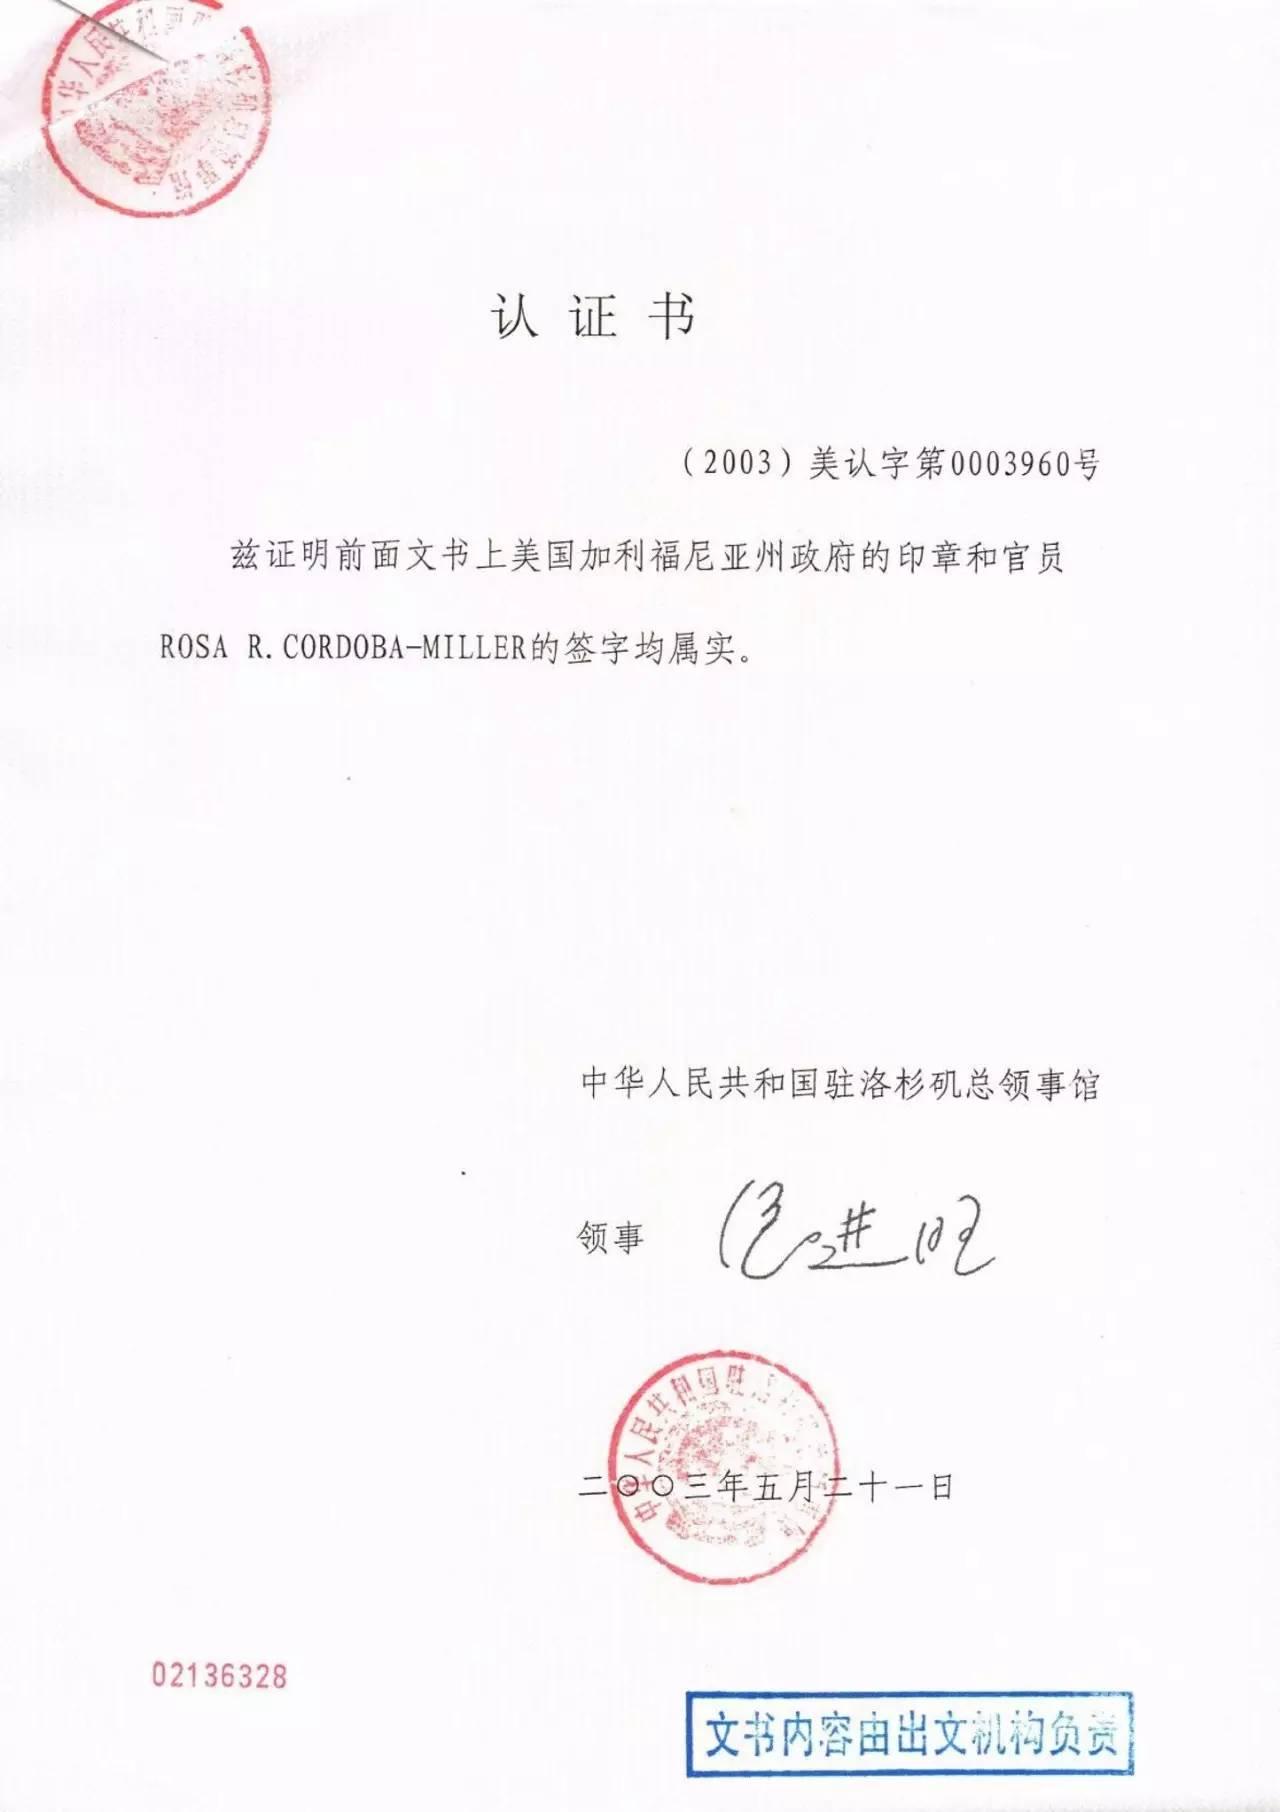 周永康陈绍基陷害第三世多杰羌佛真相曝光 第22张